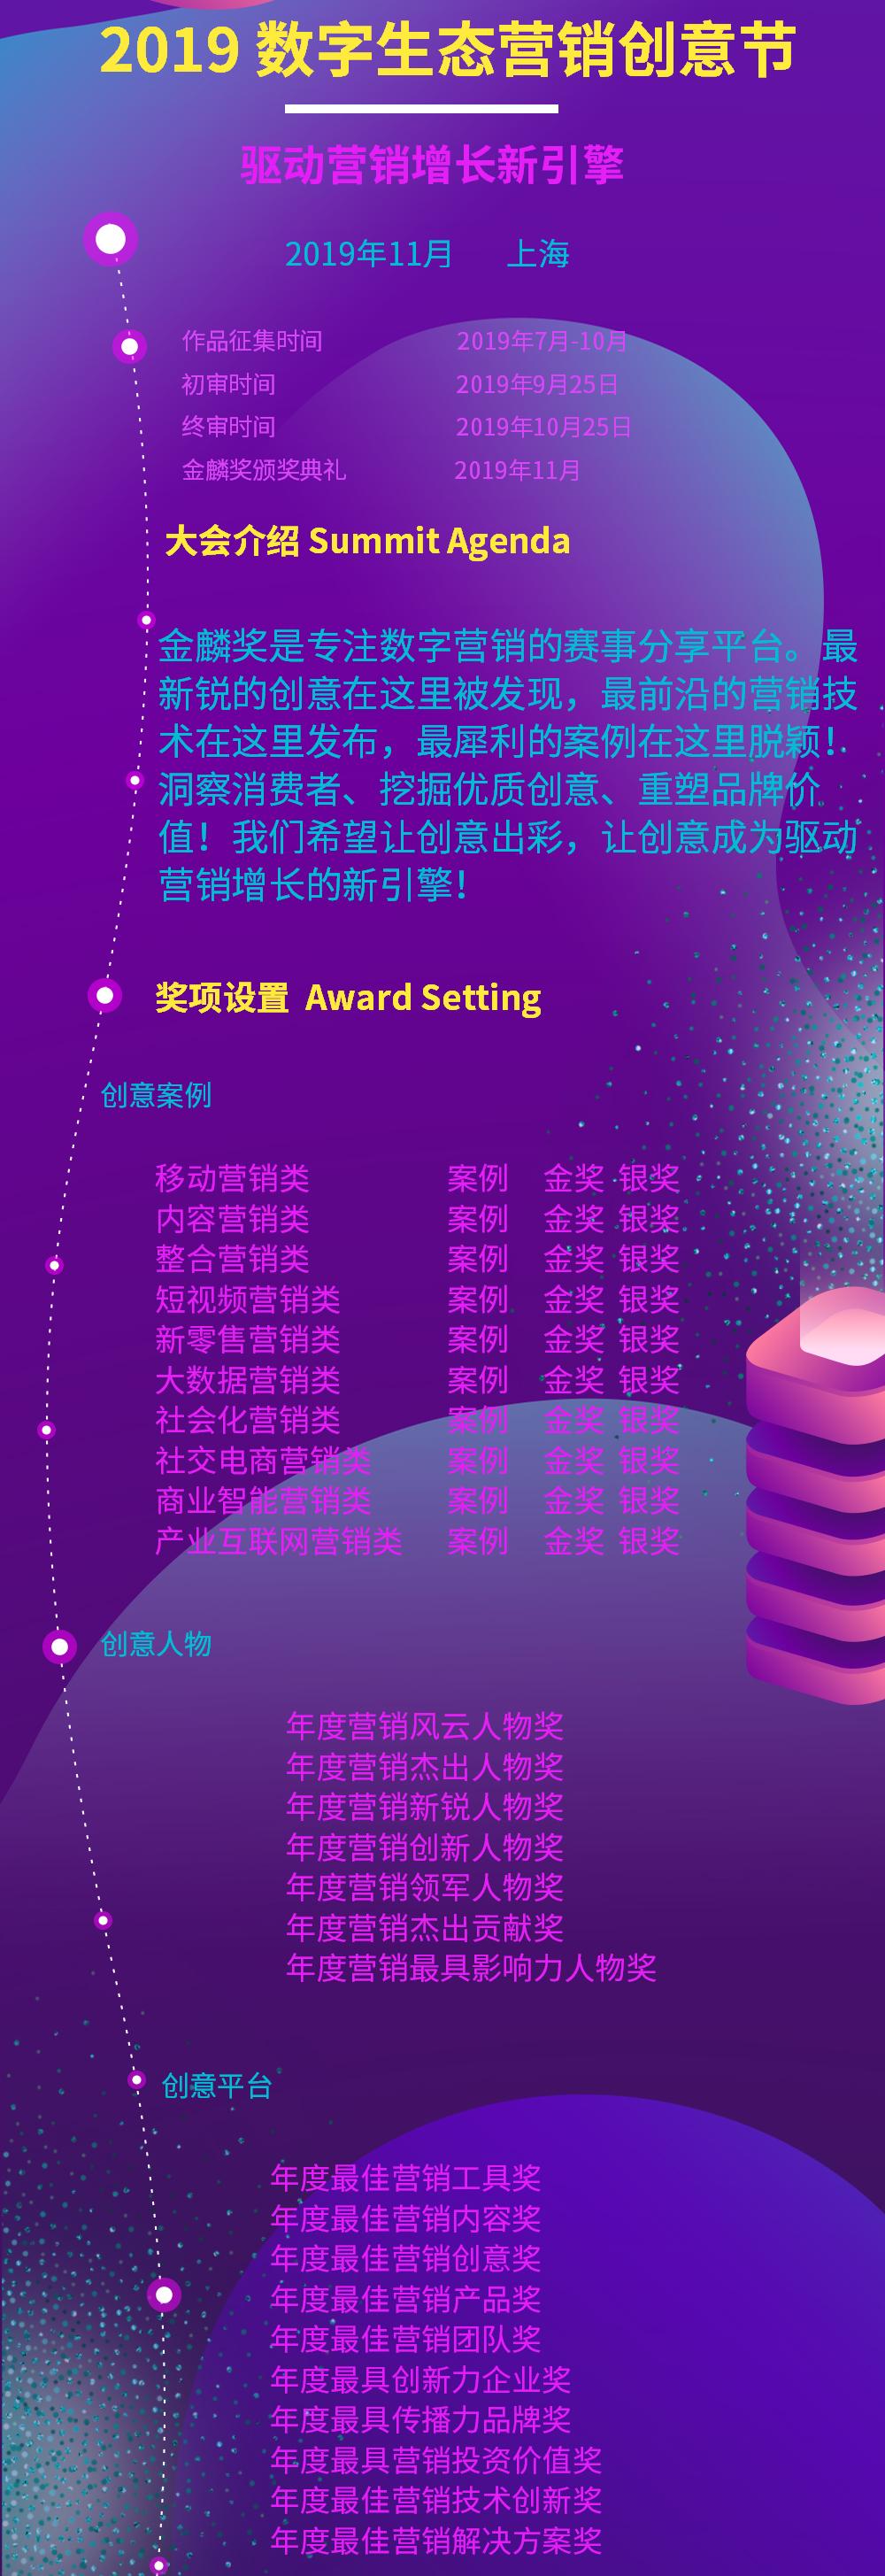 金麟獎:2019數字生態營銷創意節(上海)